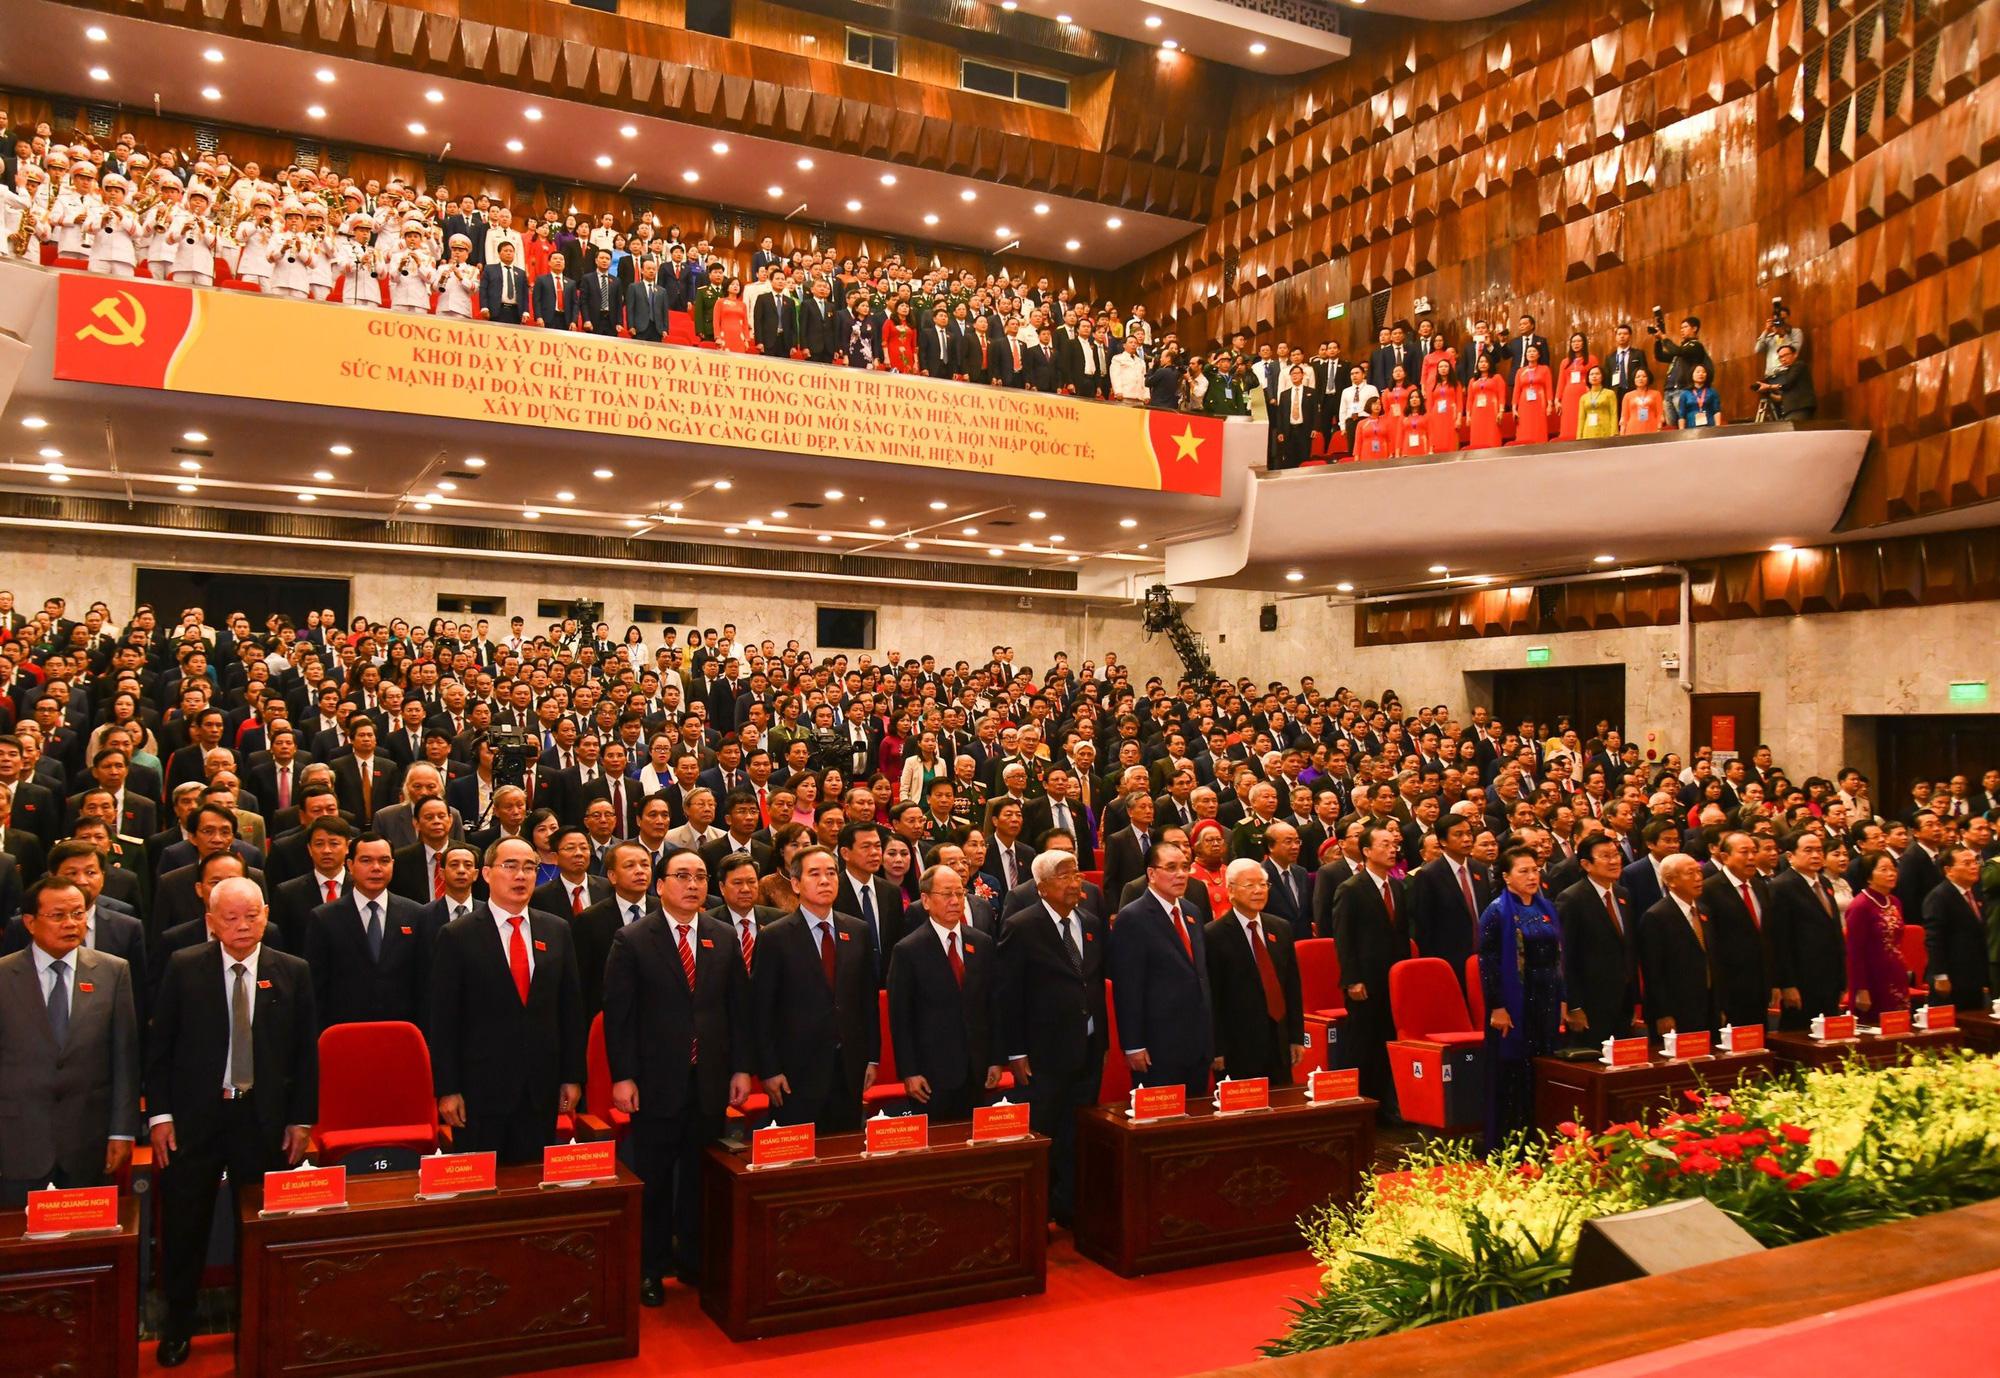 Tổng Bí thư, Chủ tịch nước đề nghị Hà Nội sáng suốt lựa chọn những người thực sự tiêu biểu - Ảnh 3.